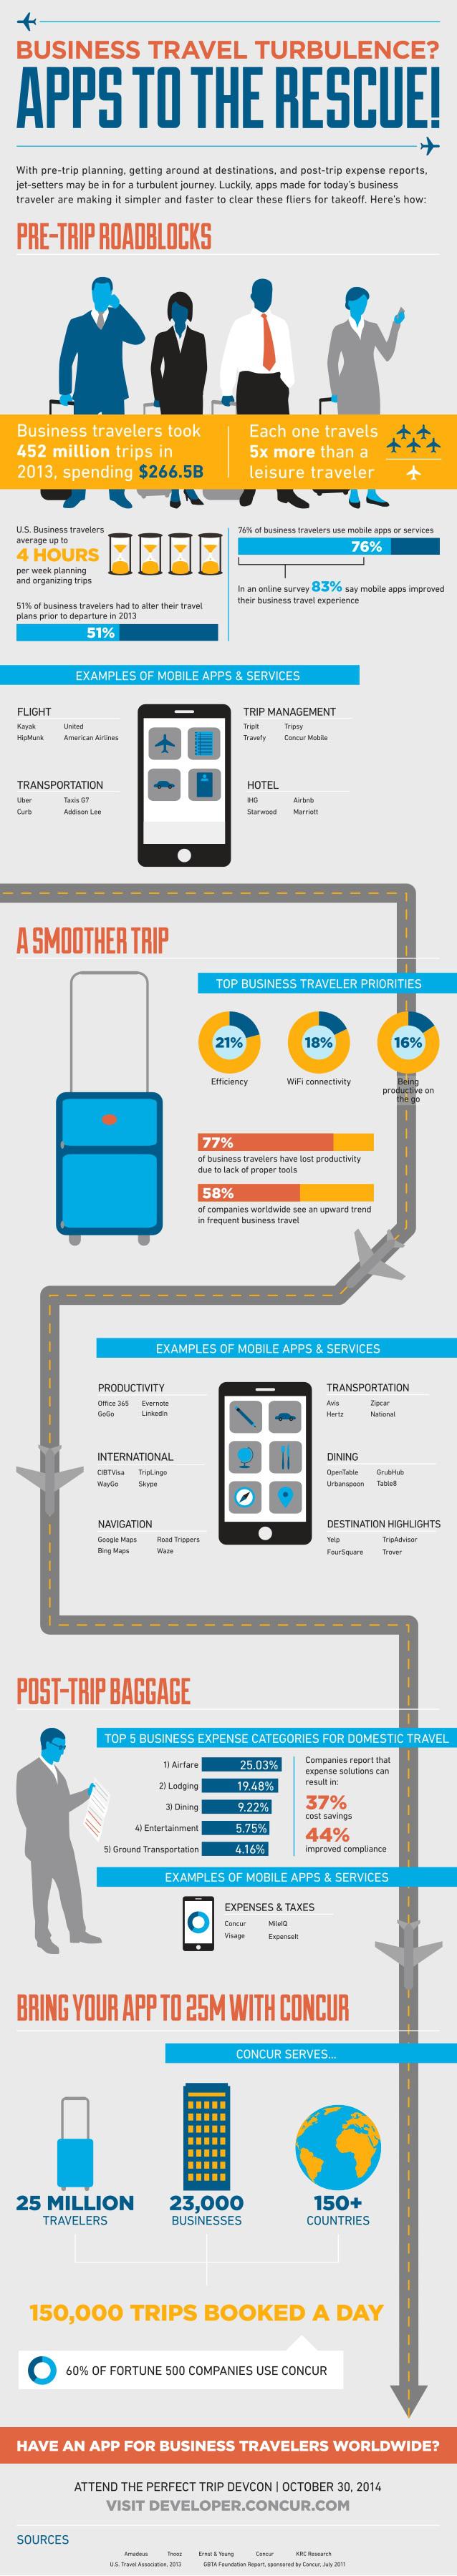 infografia-apps-viajes-de-negocios